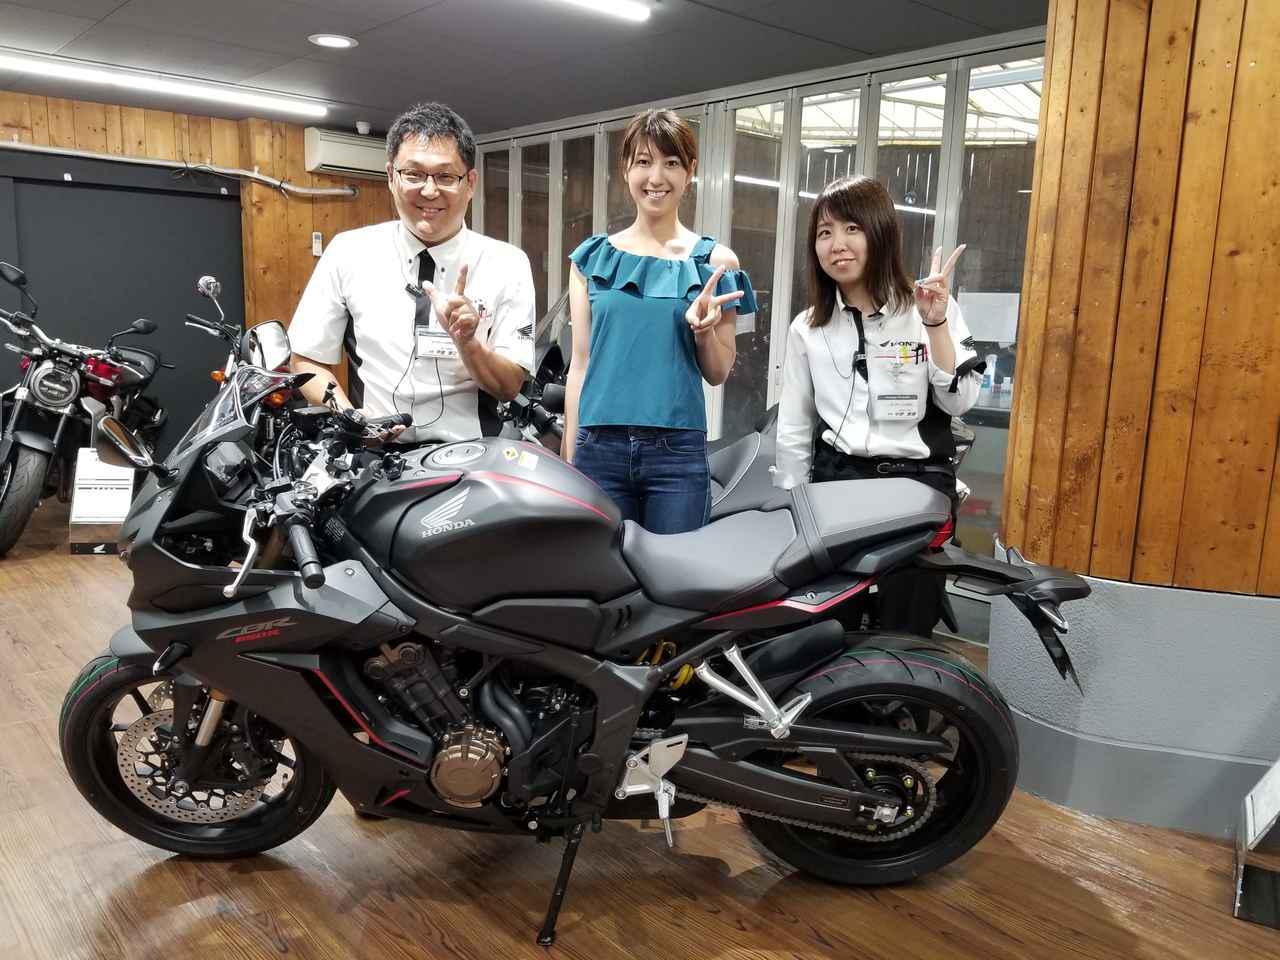 画像: 念願の愛車を購入しました((o(。>ω<。)o))♡ ホンダCBR650Rです! - webオートバイ